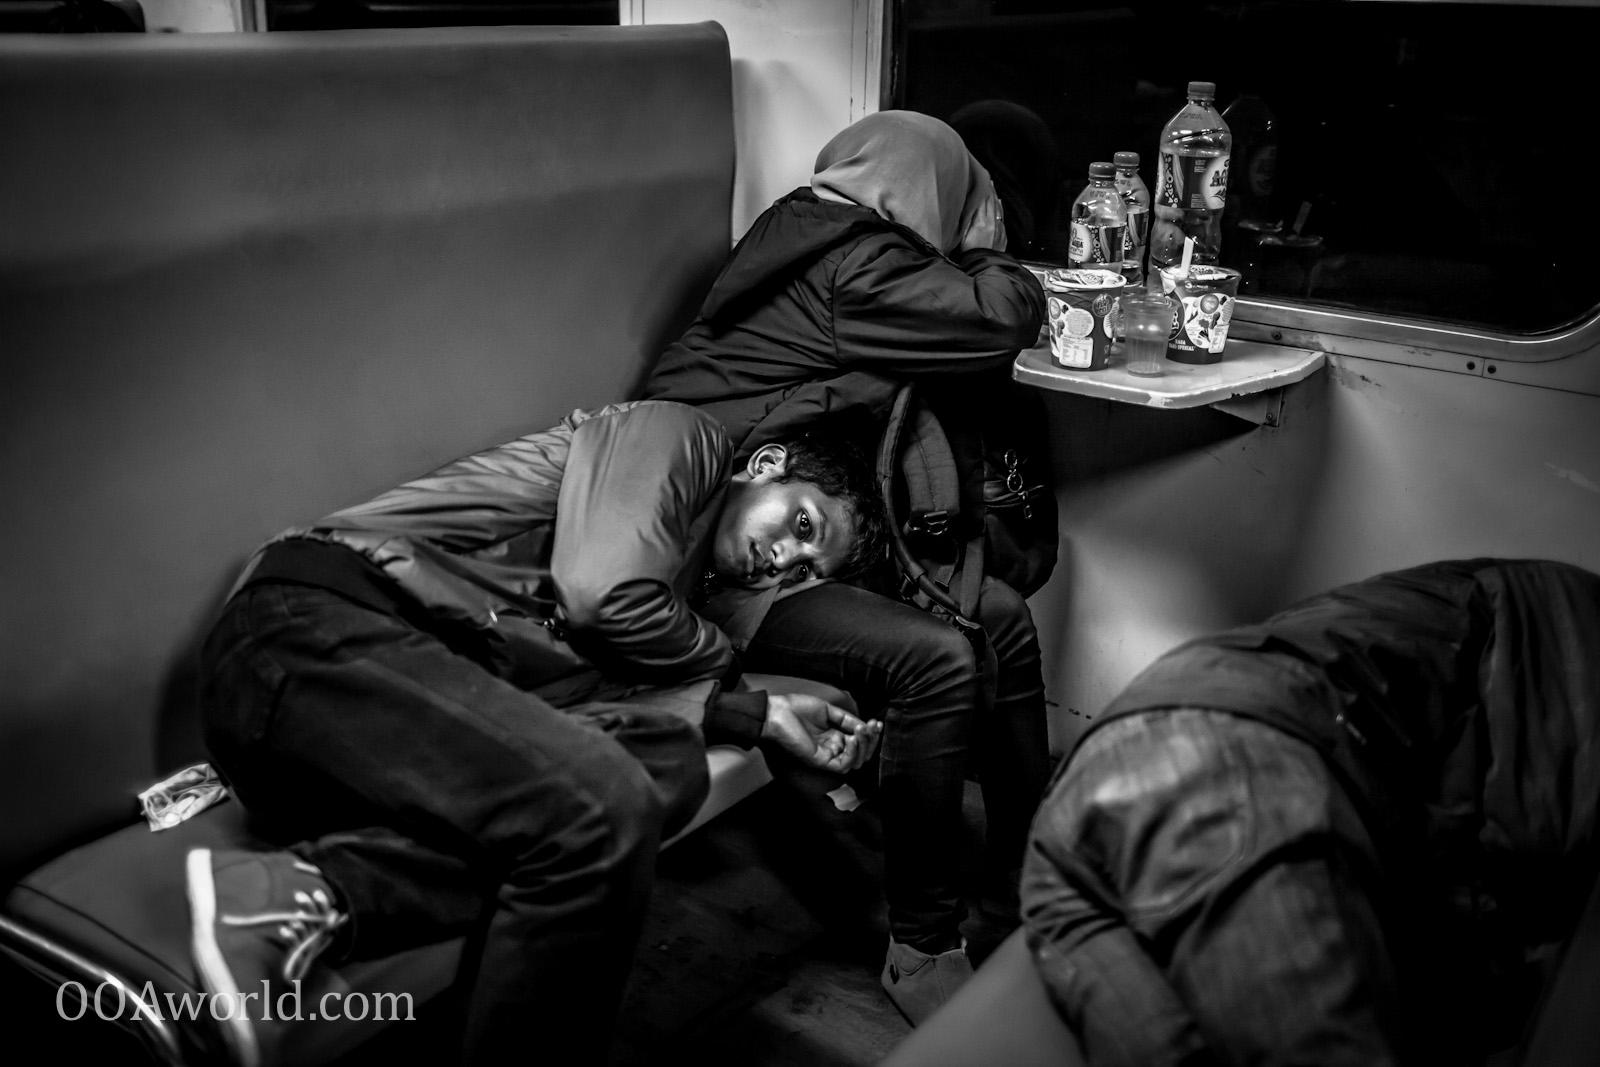 Night Train Indonesia Sleepers 2 Photo Ooaworld